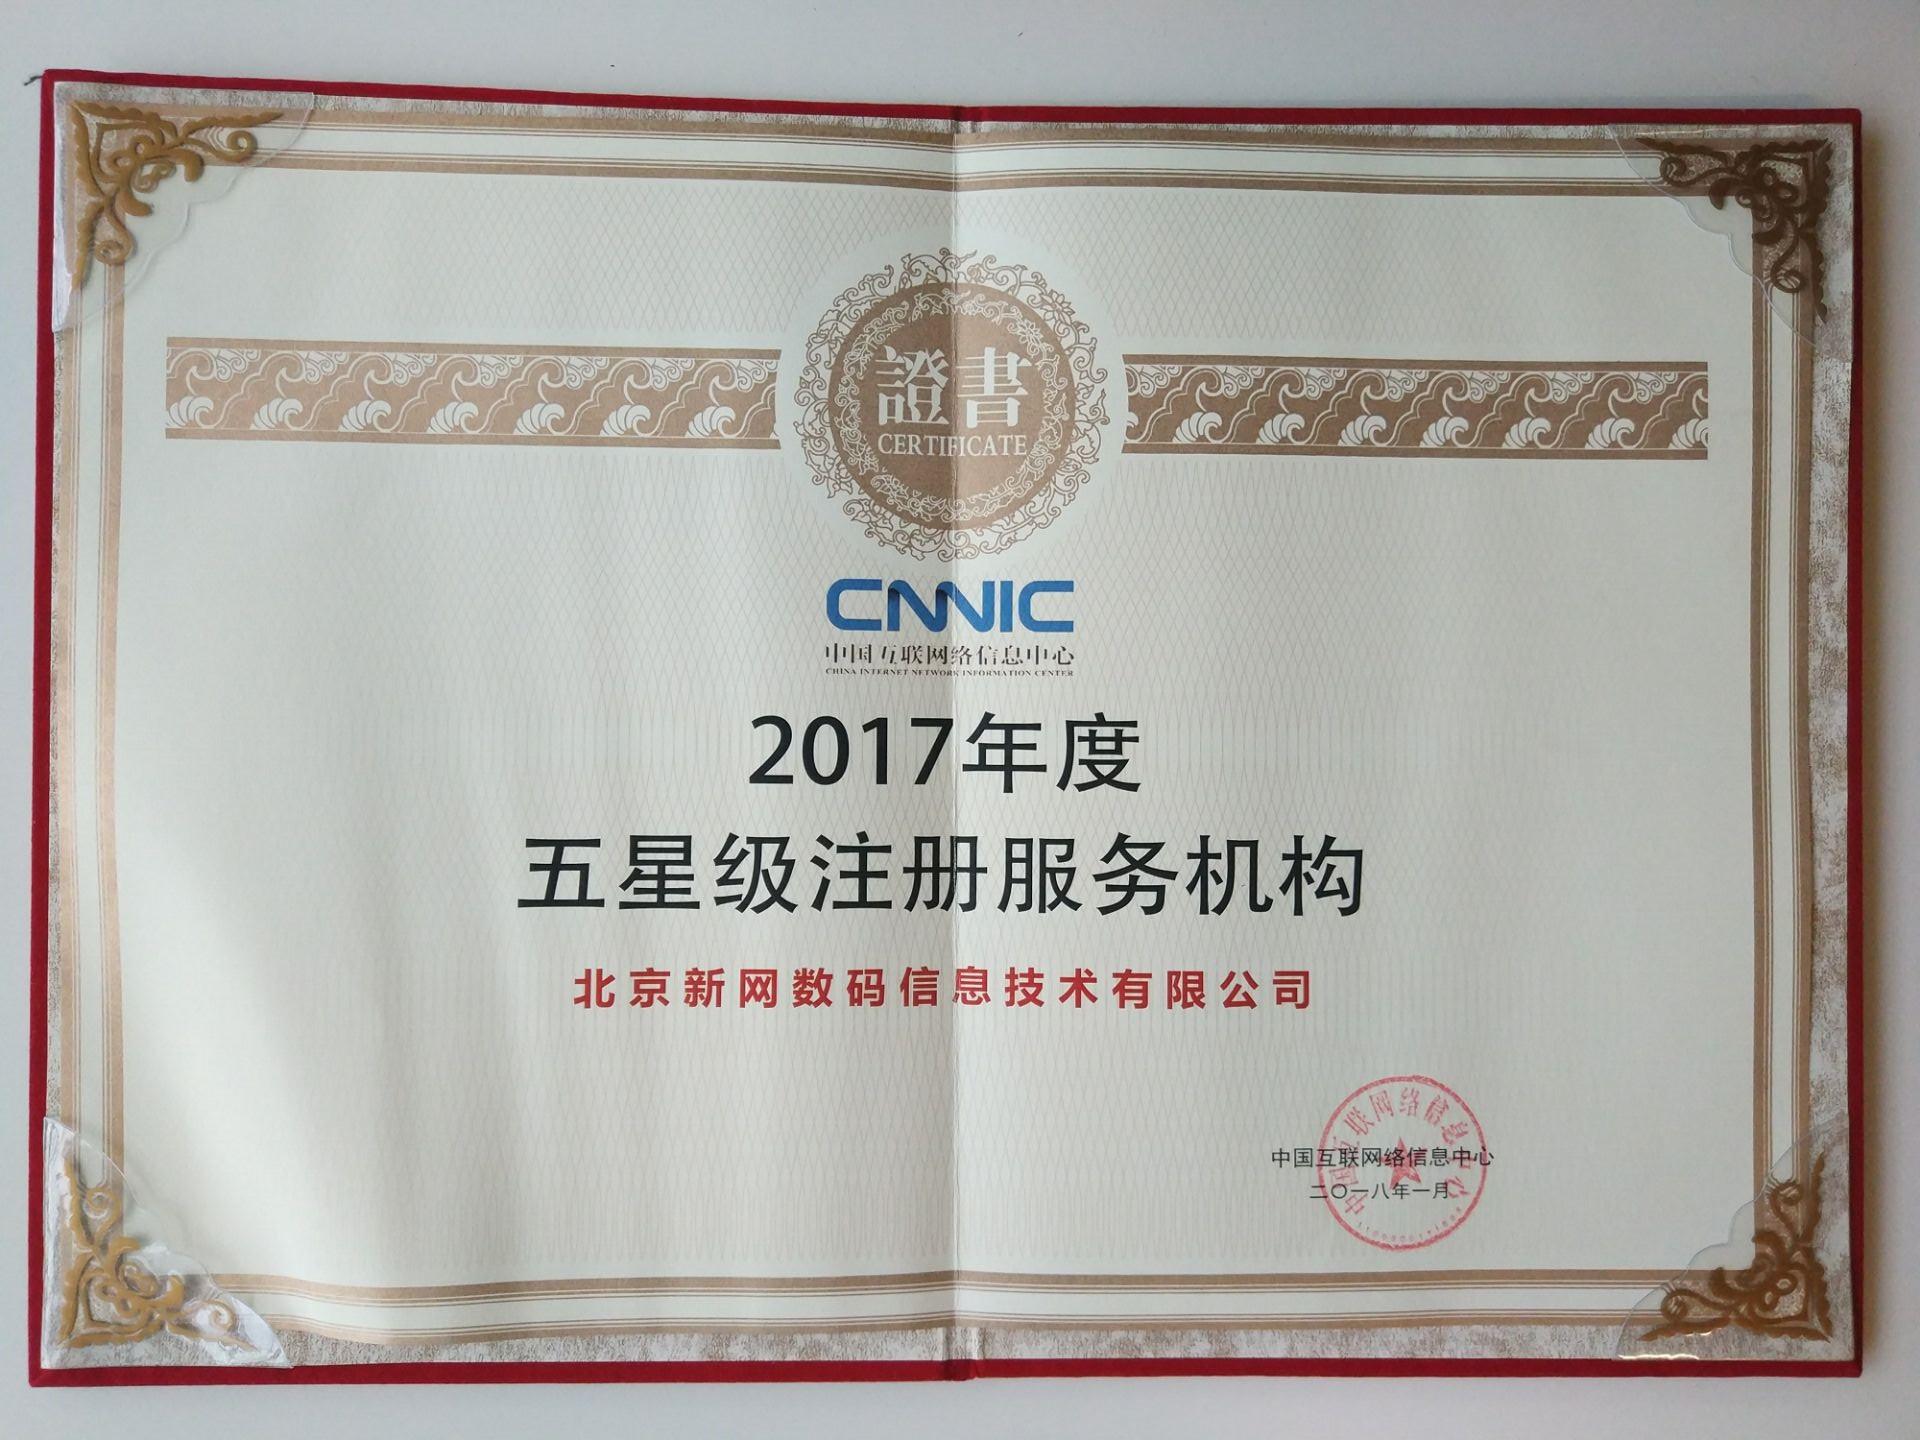 CNNIC五星级注册服务机构